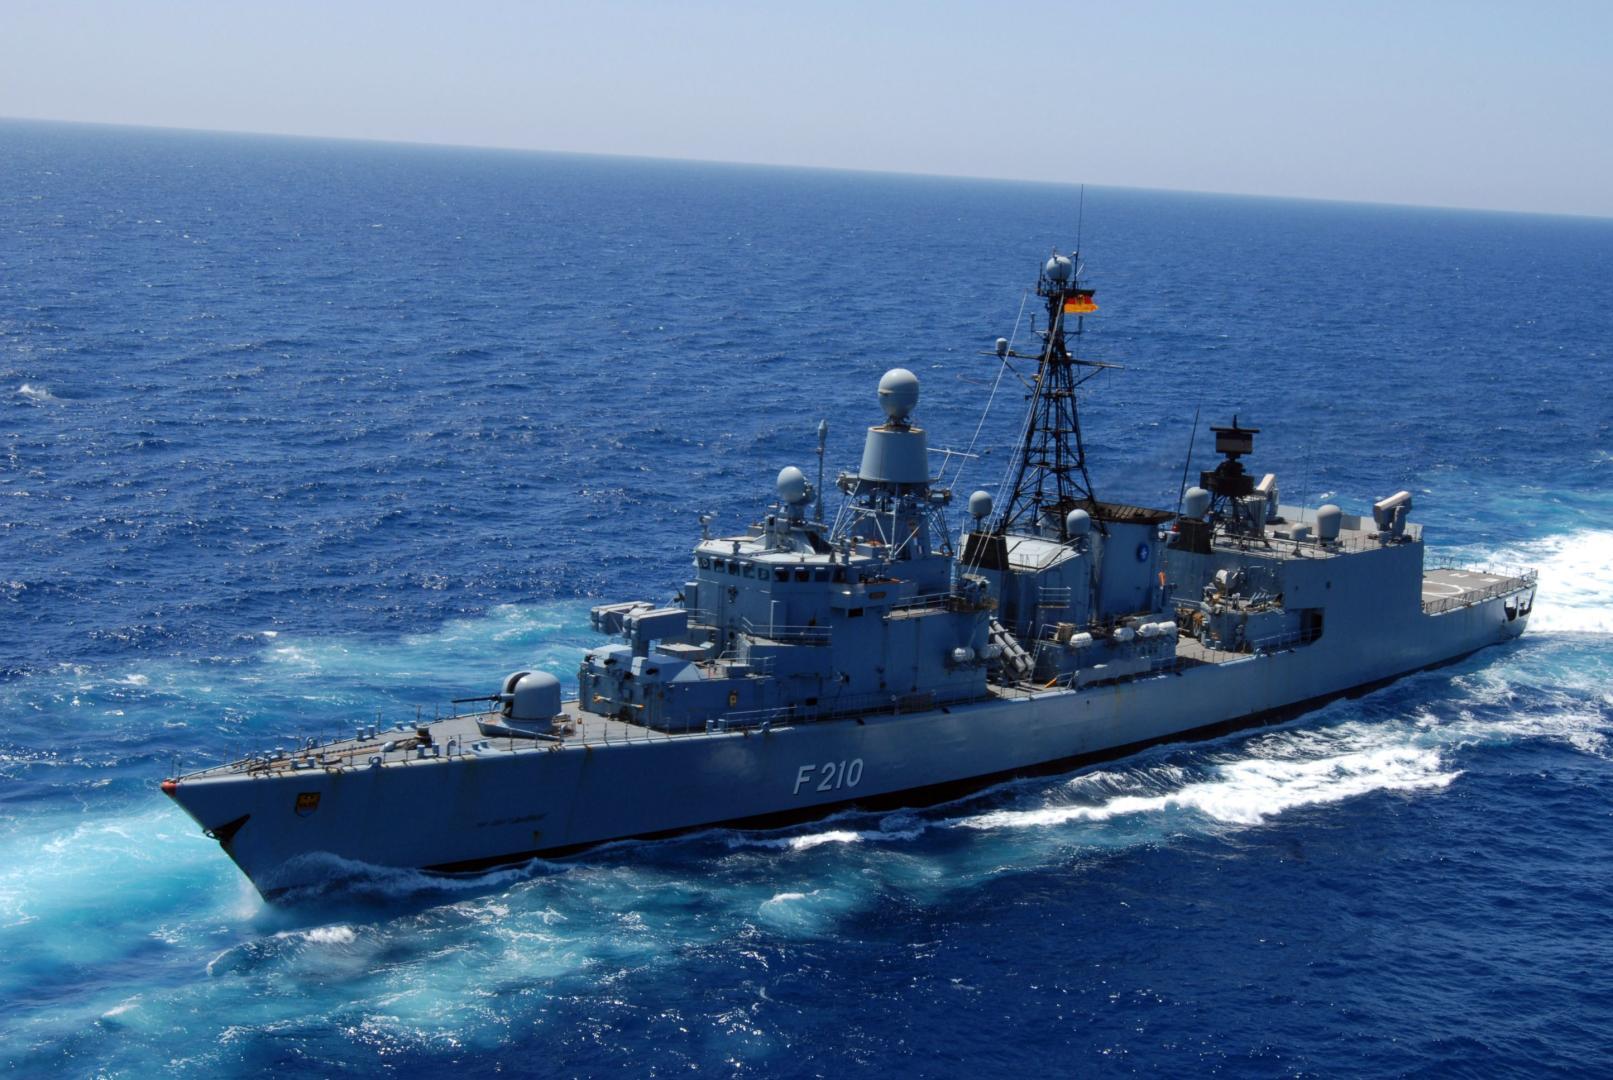 Germania își modernizează forțele militare terestre, navale și aeriene